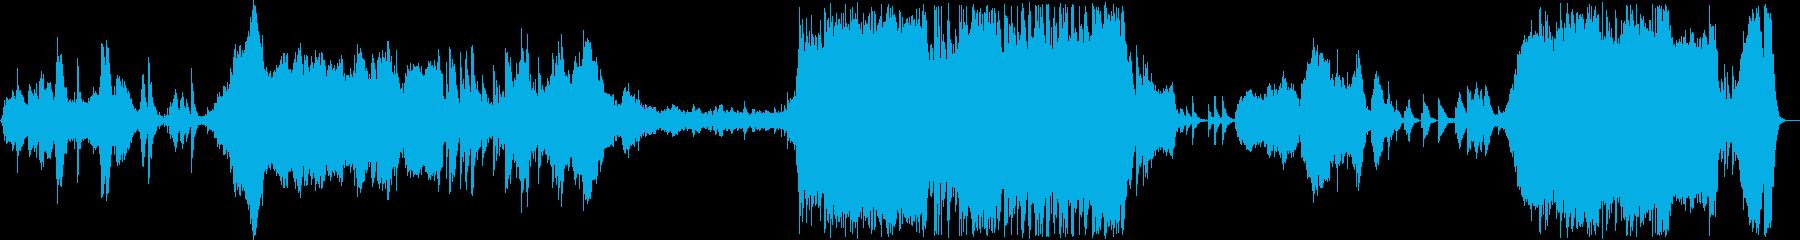 和琴が主役の和風インストオケの再生済みの波形